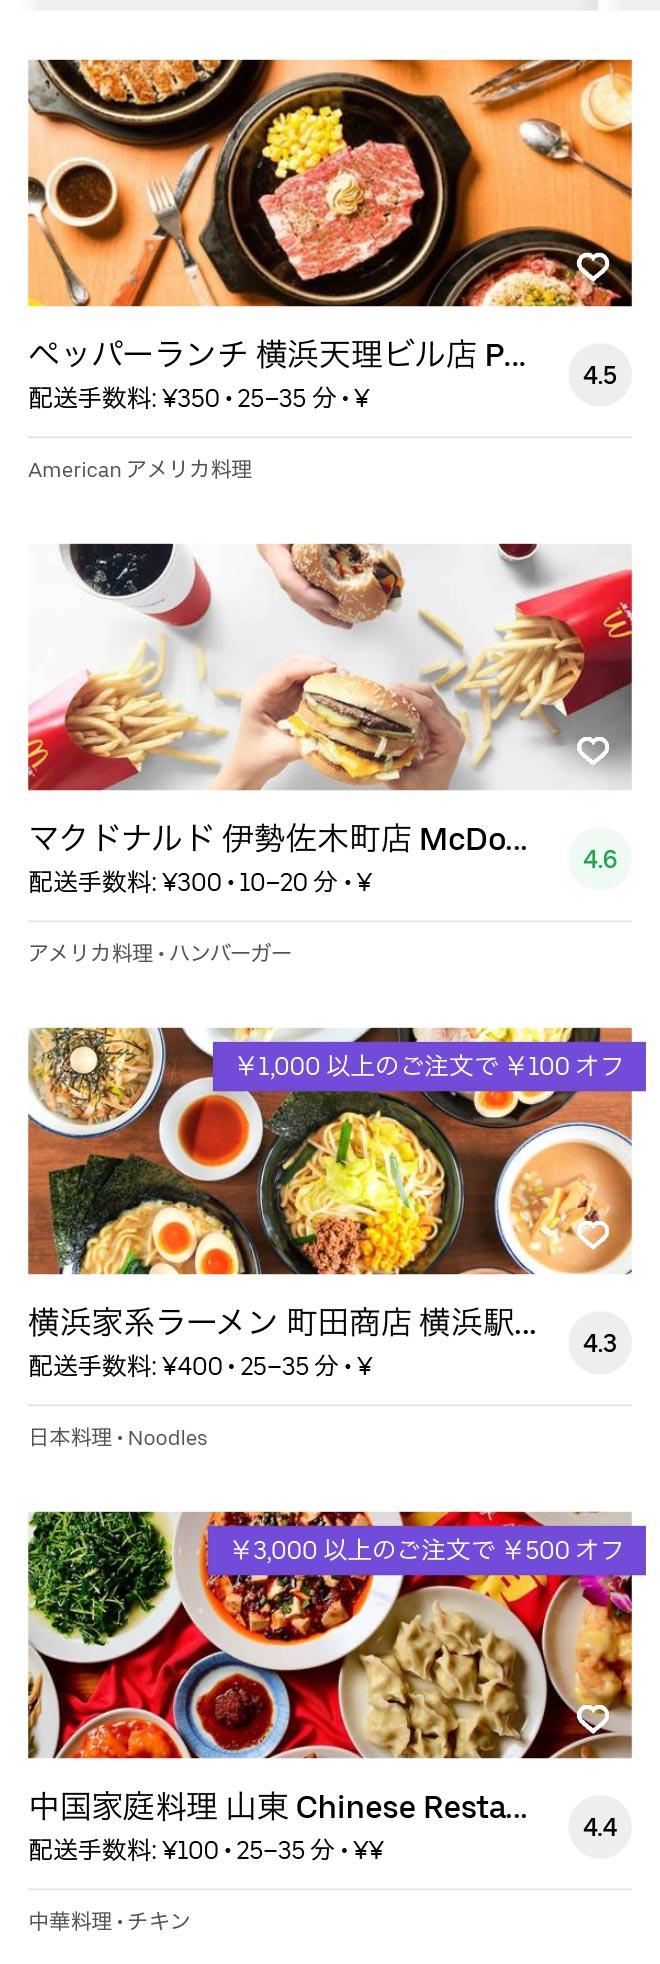 Yokohama ishikawacho menu 2004 02